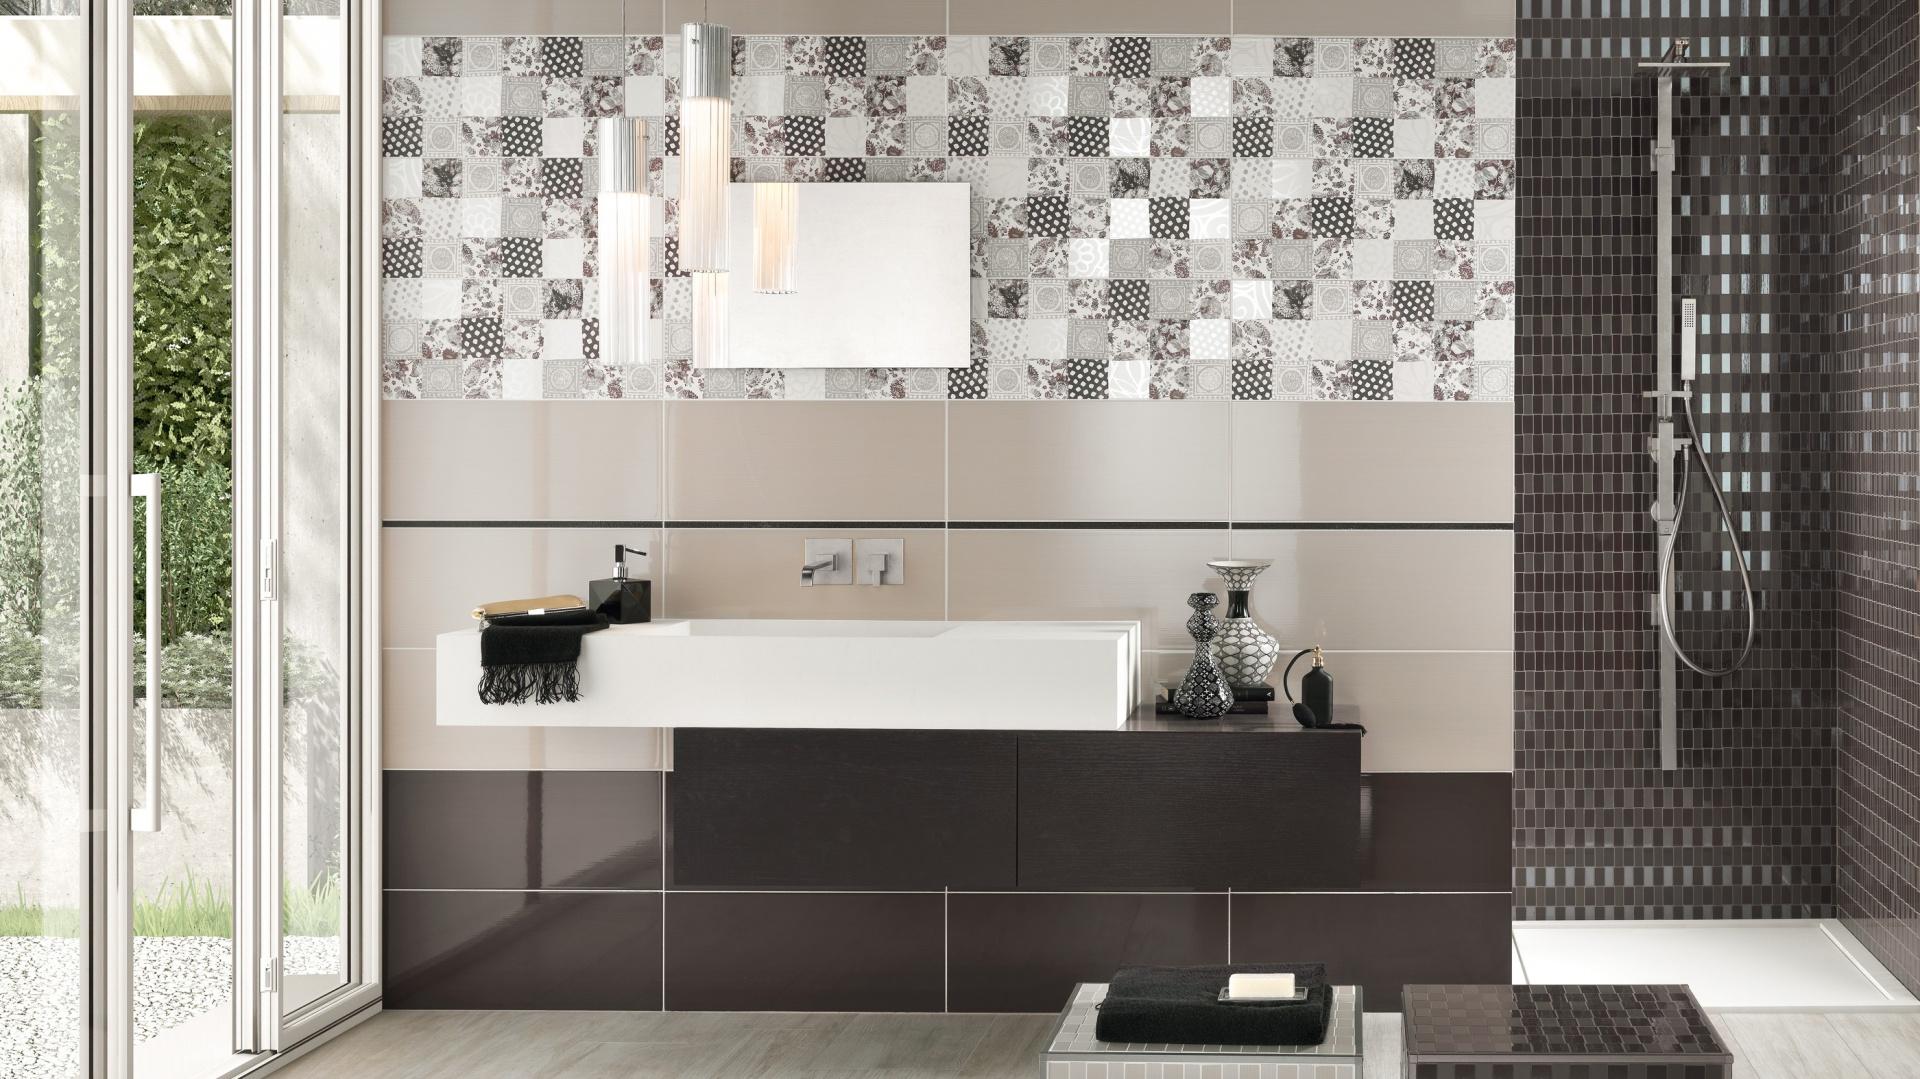 Płytki z kolekcji Class dostępne w ofercie firmy NovaBell. Każdej łazience nadadzą indywidualny charakter. Fot. NovaBell